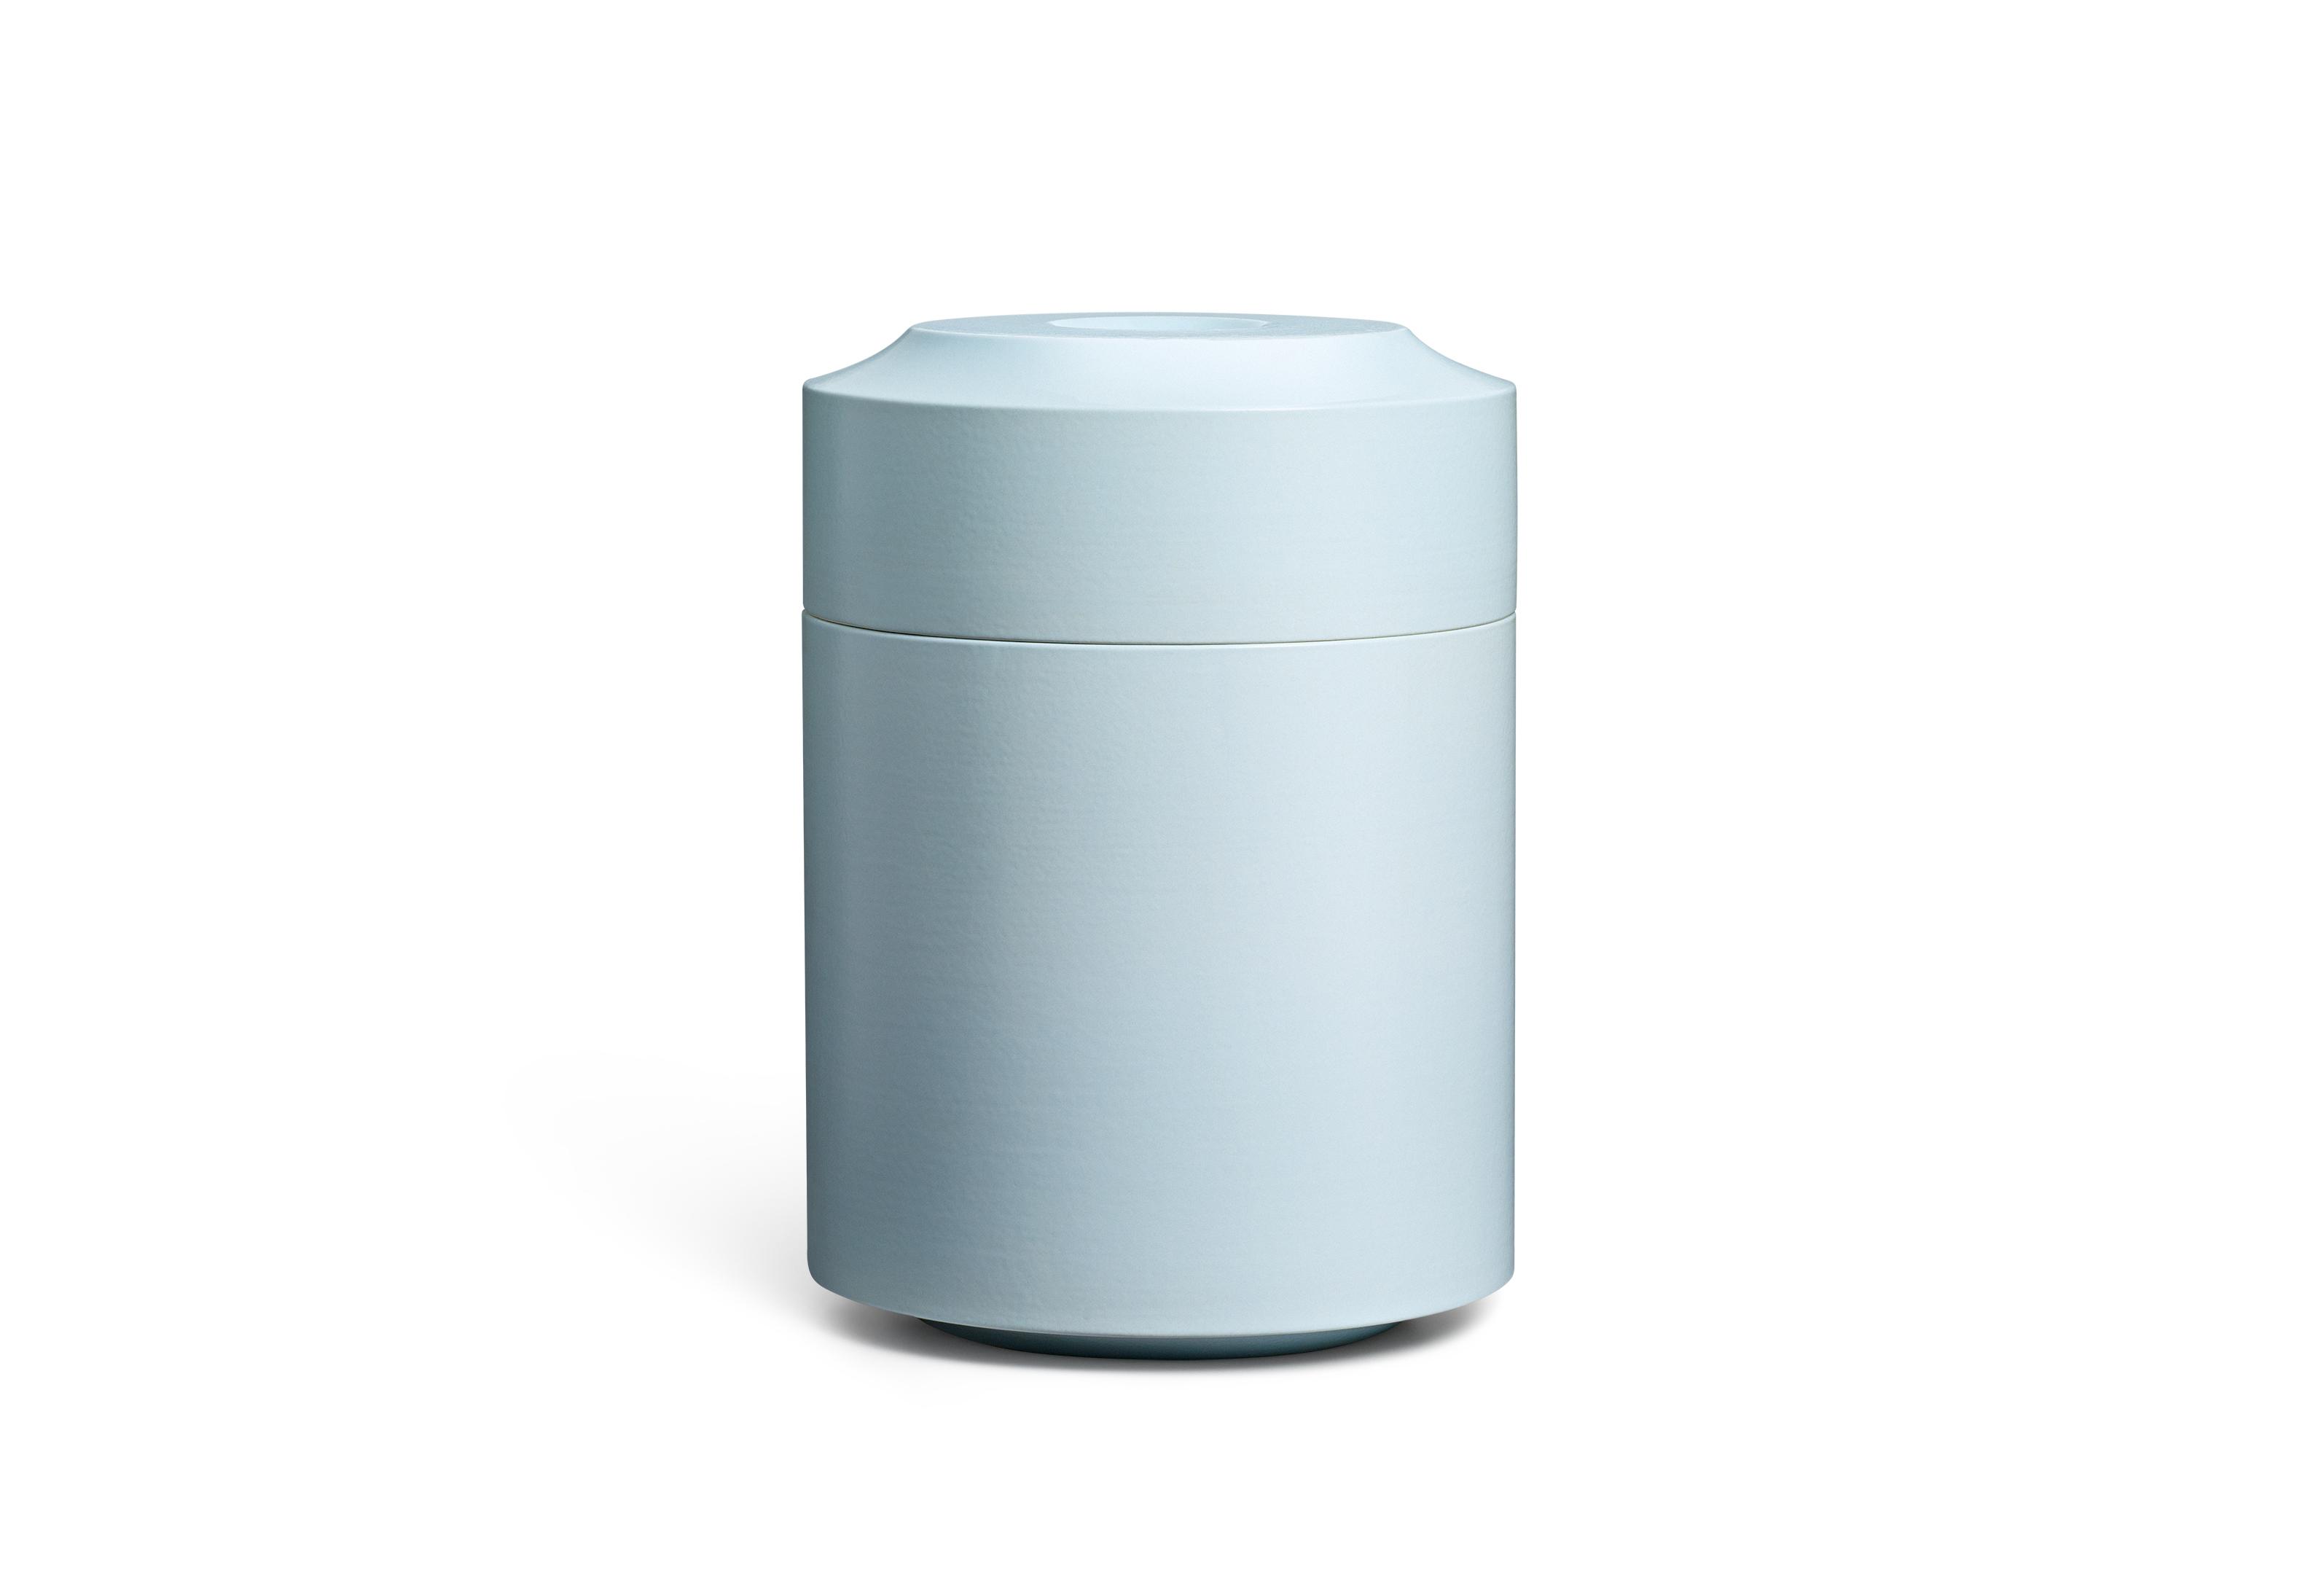 Keramik / glasiert / matt<br />Farbe: sky <br />H 29cm, DM 21cm